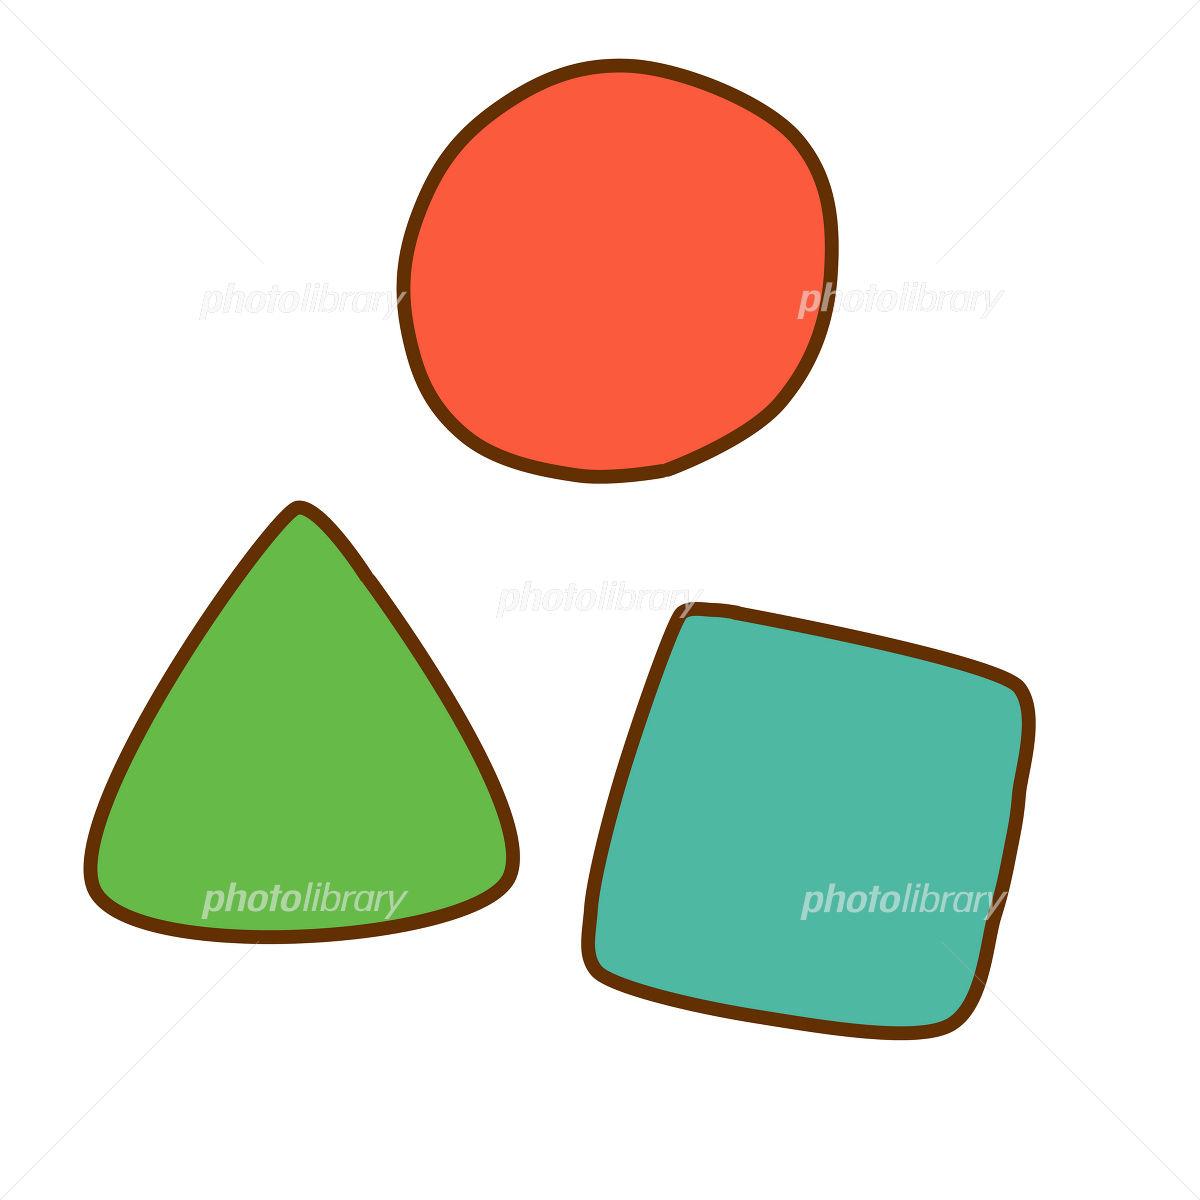 丸三角四角イラスト イラスト素材 2102775 無料 フォトライブ